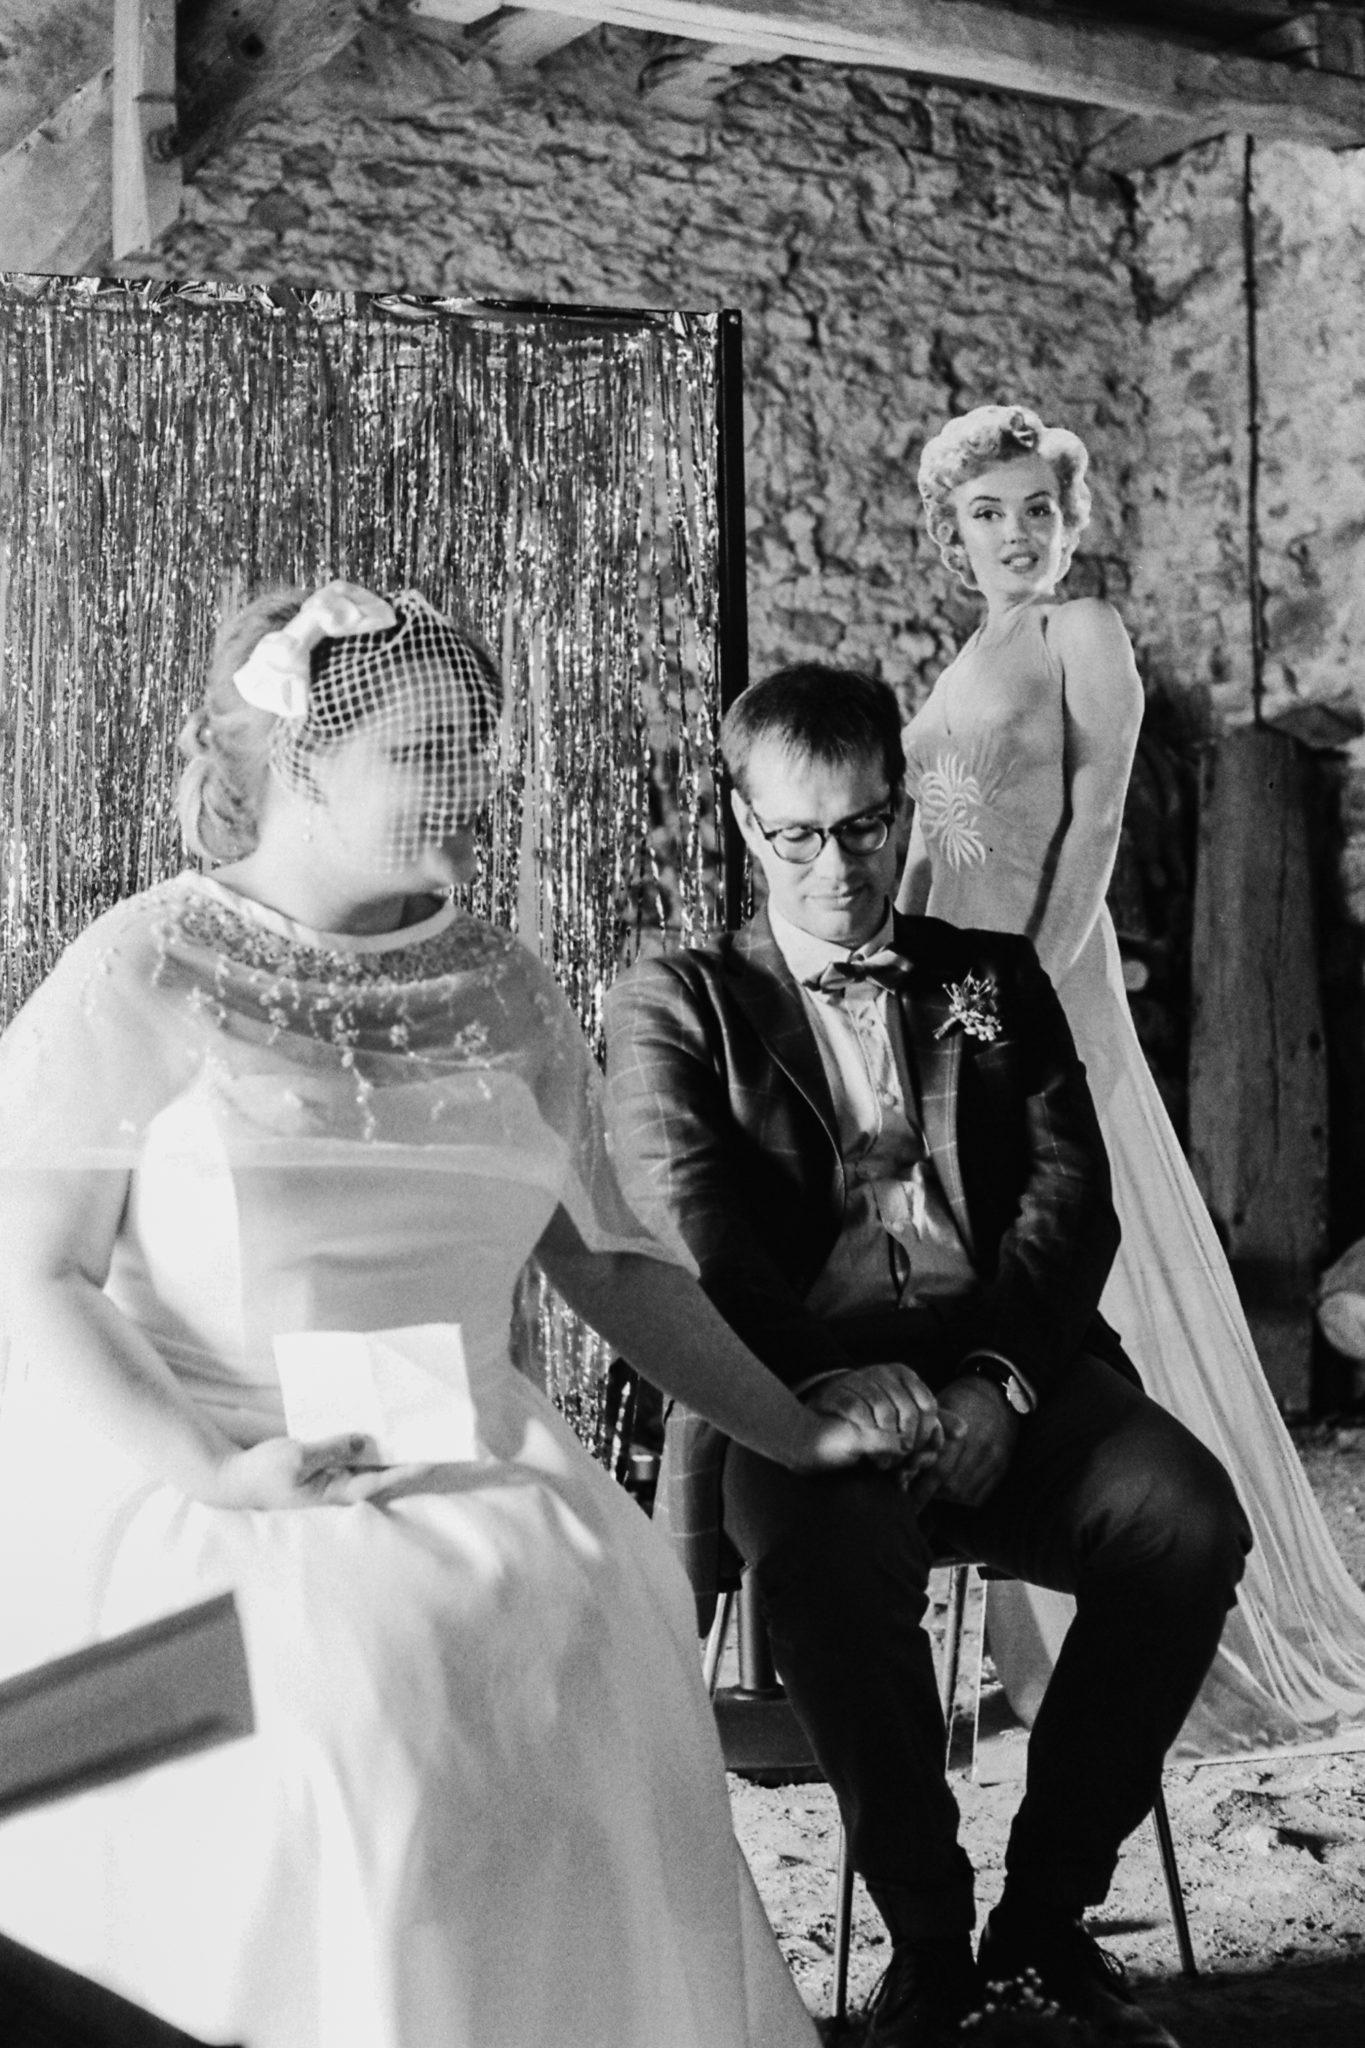 Cérémonie laïque émotions mariés Mariage 50s Domaine Mauvoisin Lommoye